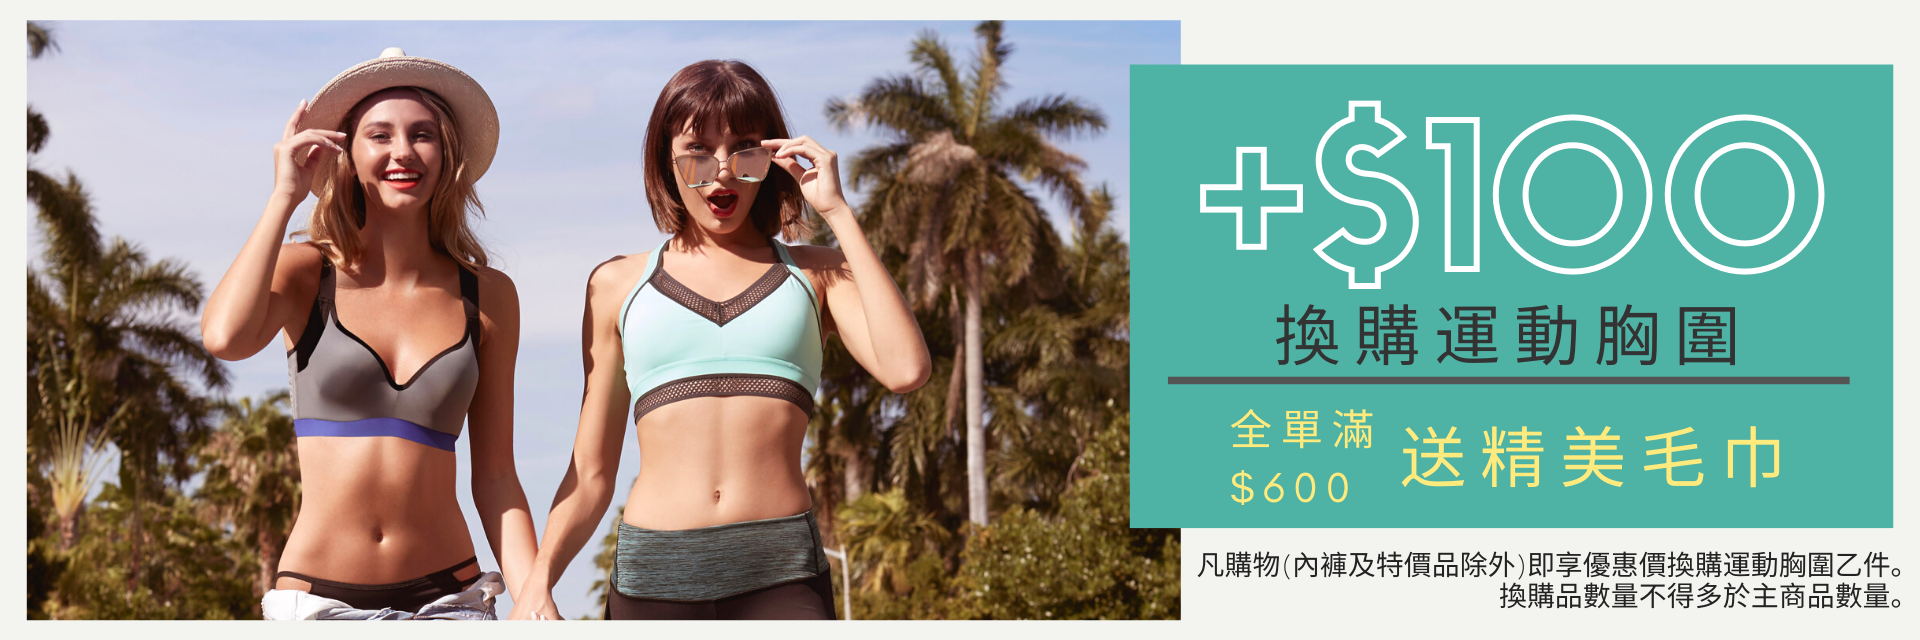 凡購物即可以優惠價$100換購一件運動胸圍